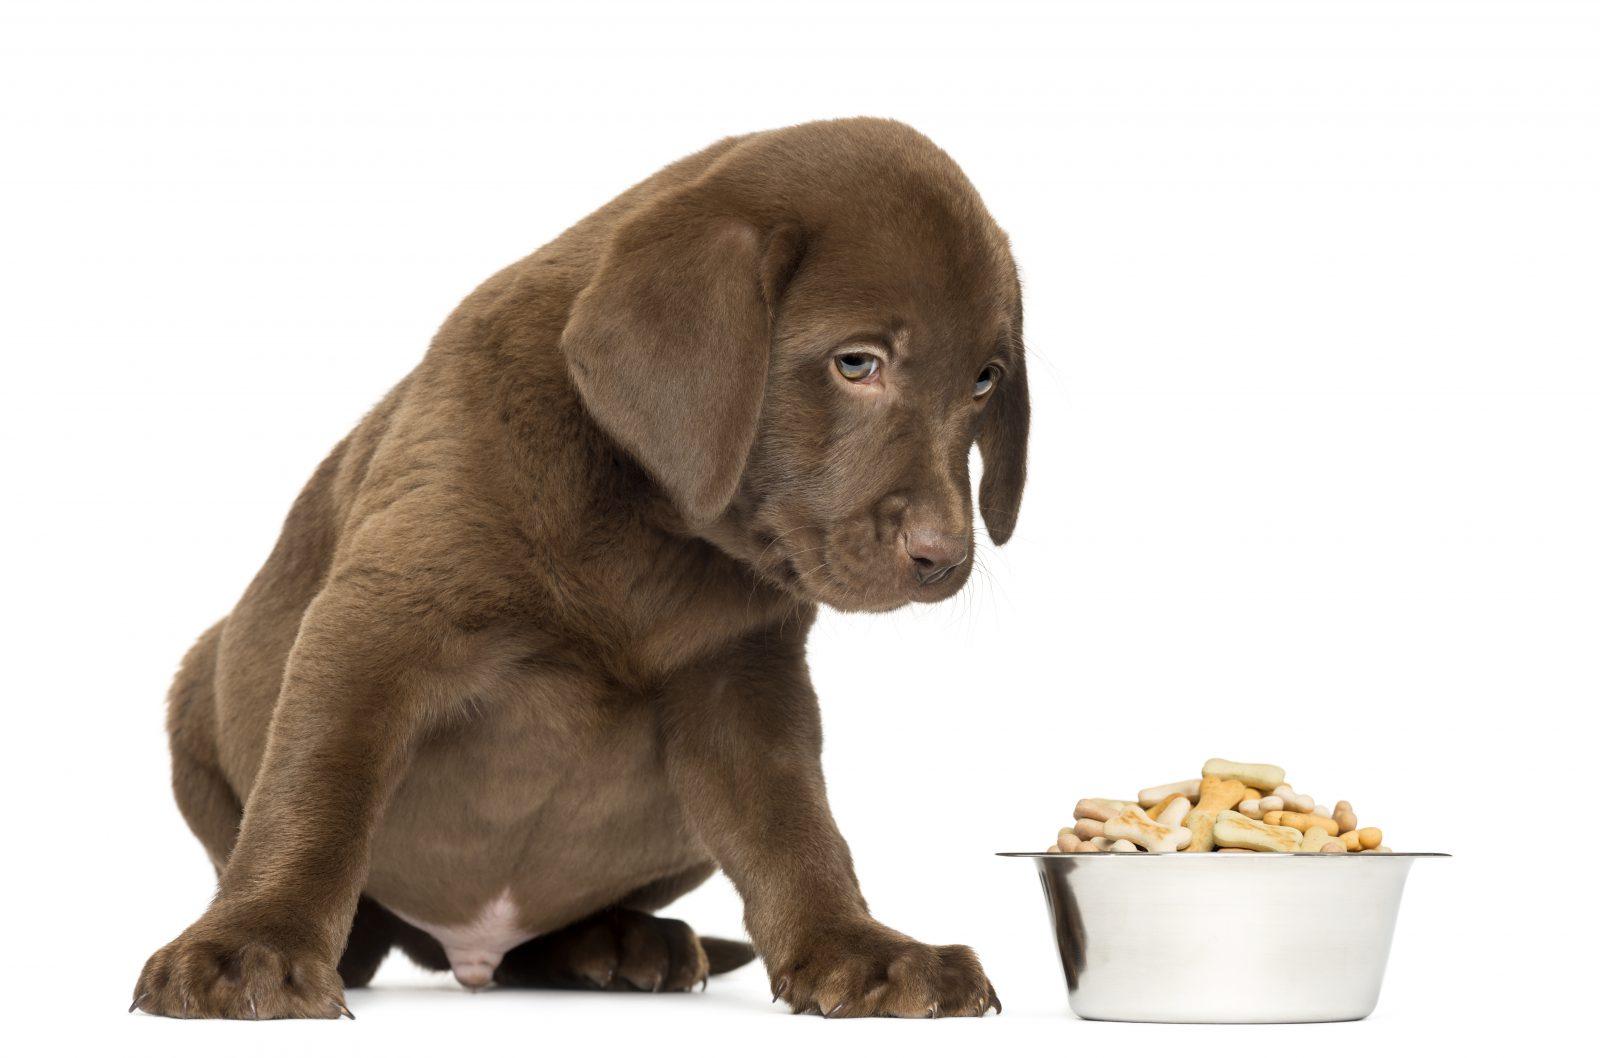 Ração para cachorro: filhote de labrador retriever chocolate olhando para pode de ração cheio à sua frente.